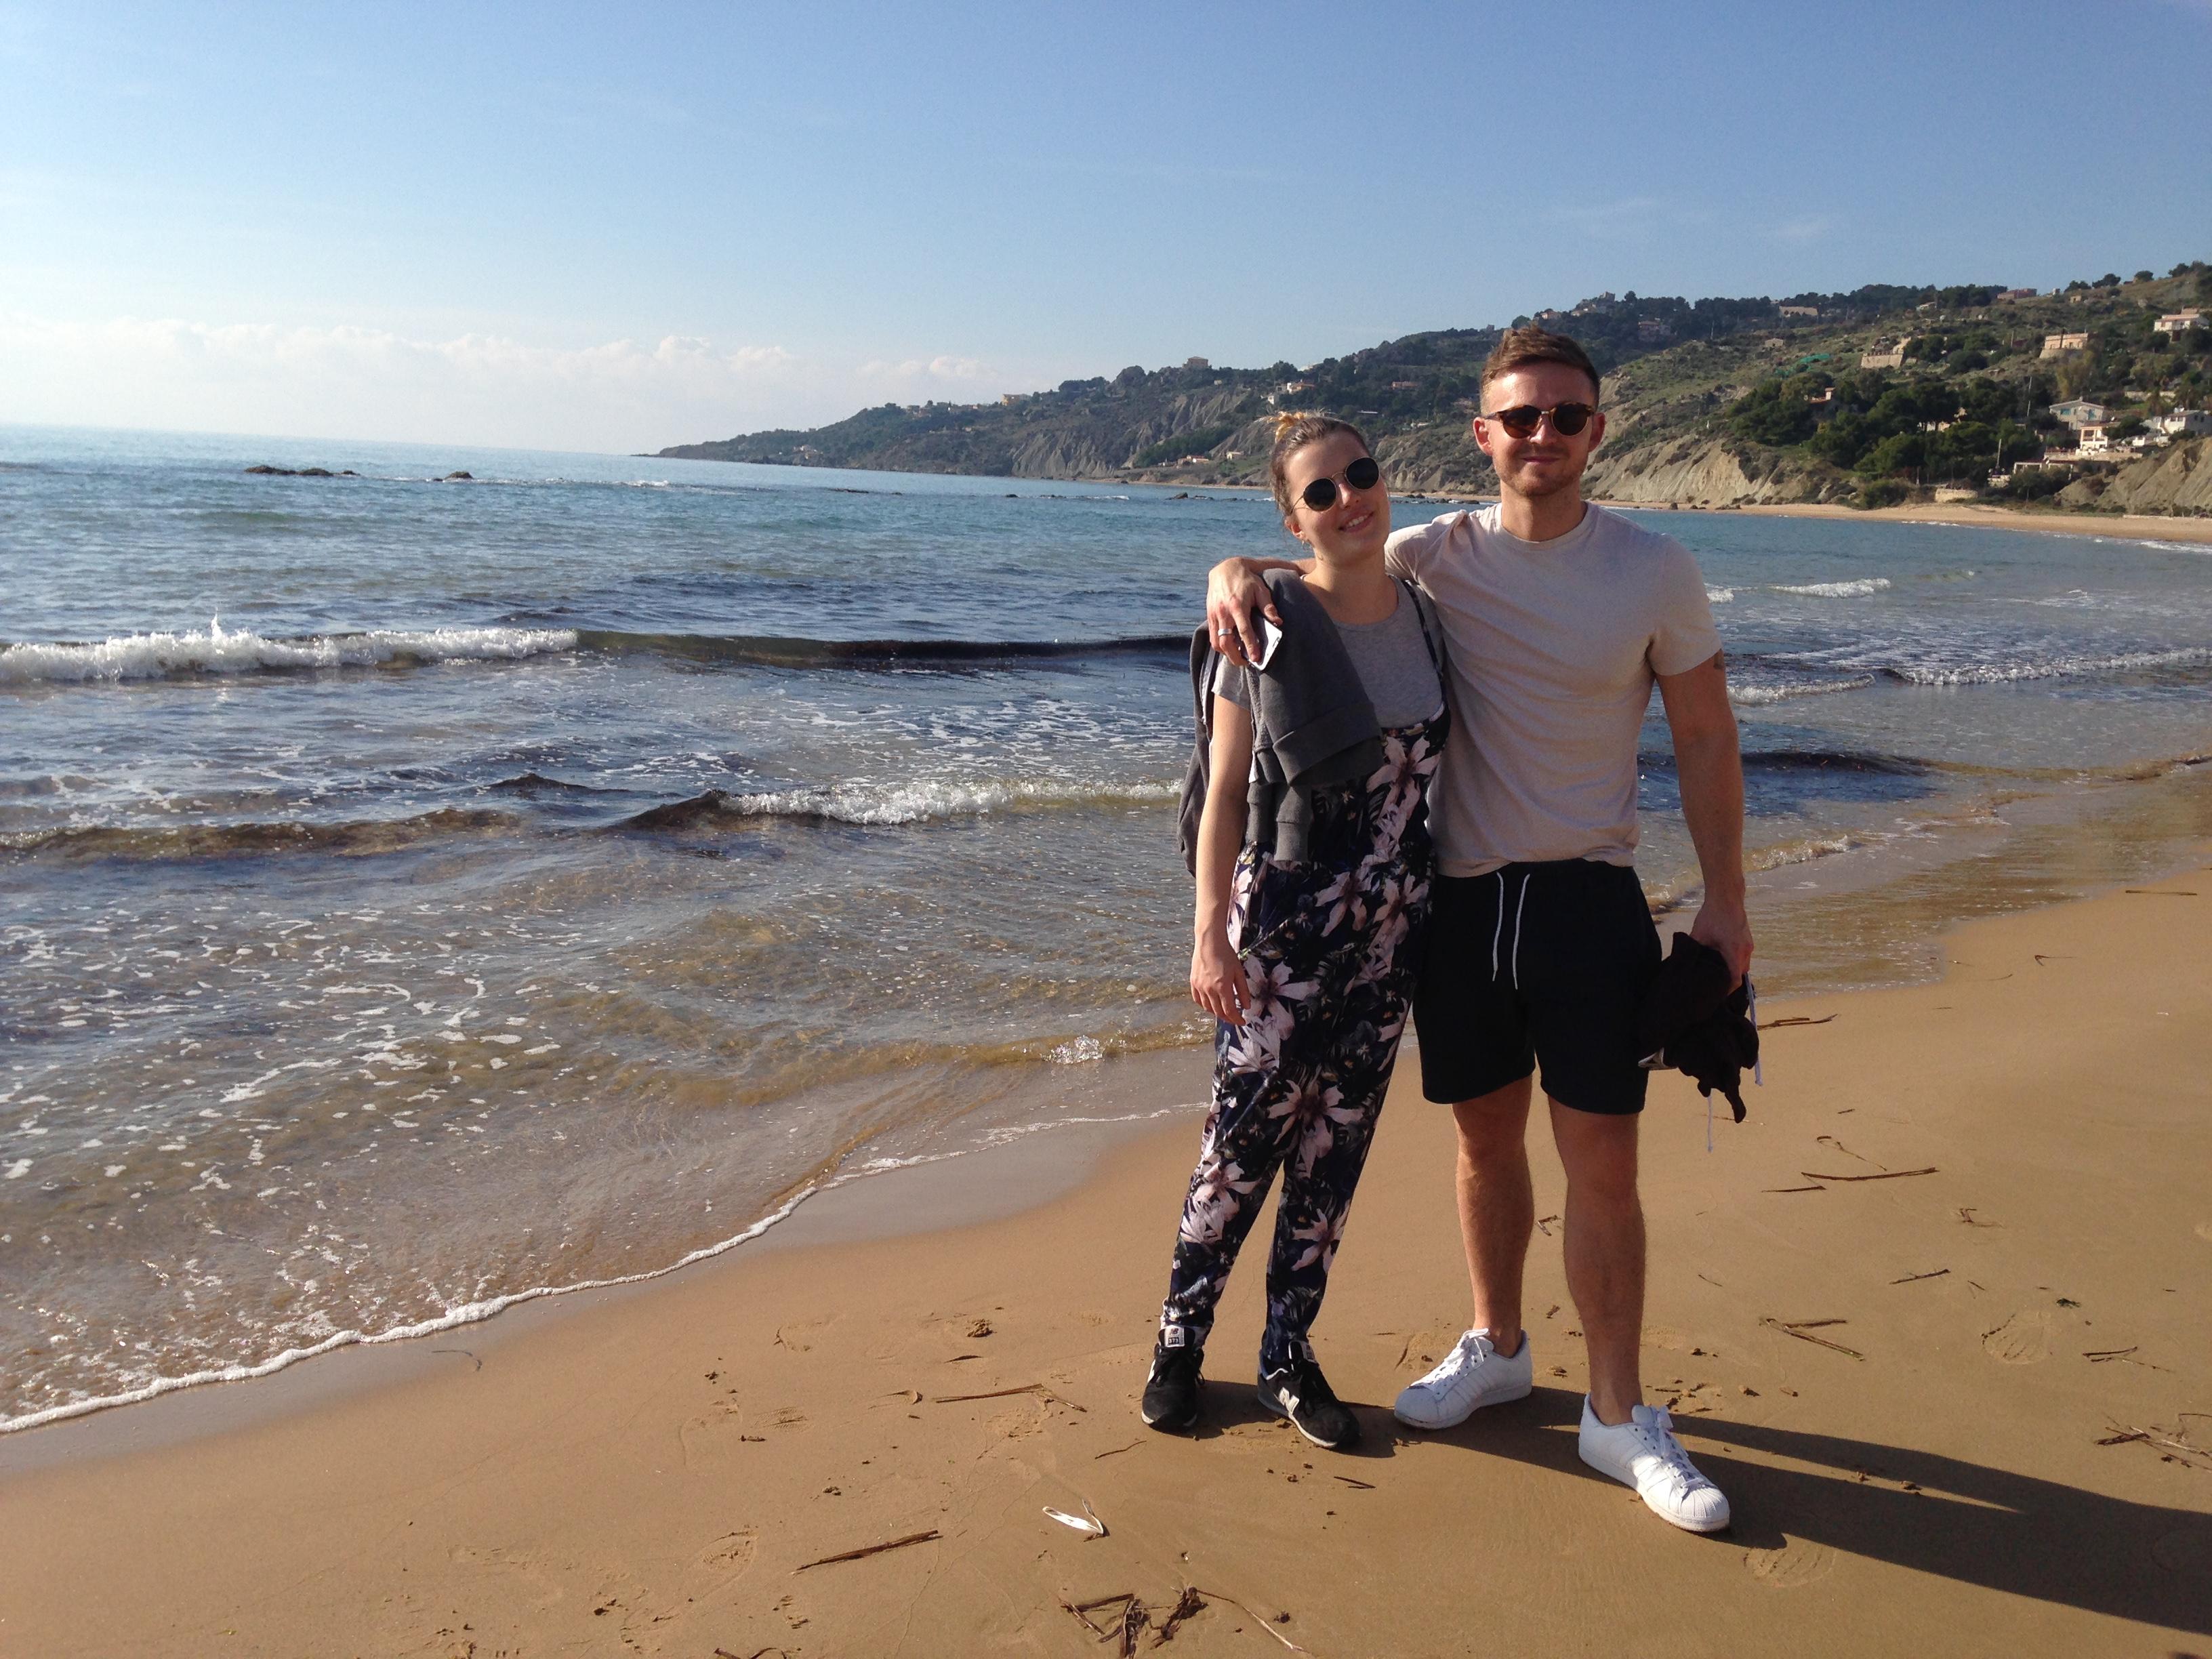 Joy and Ed on the beach